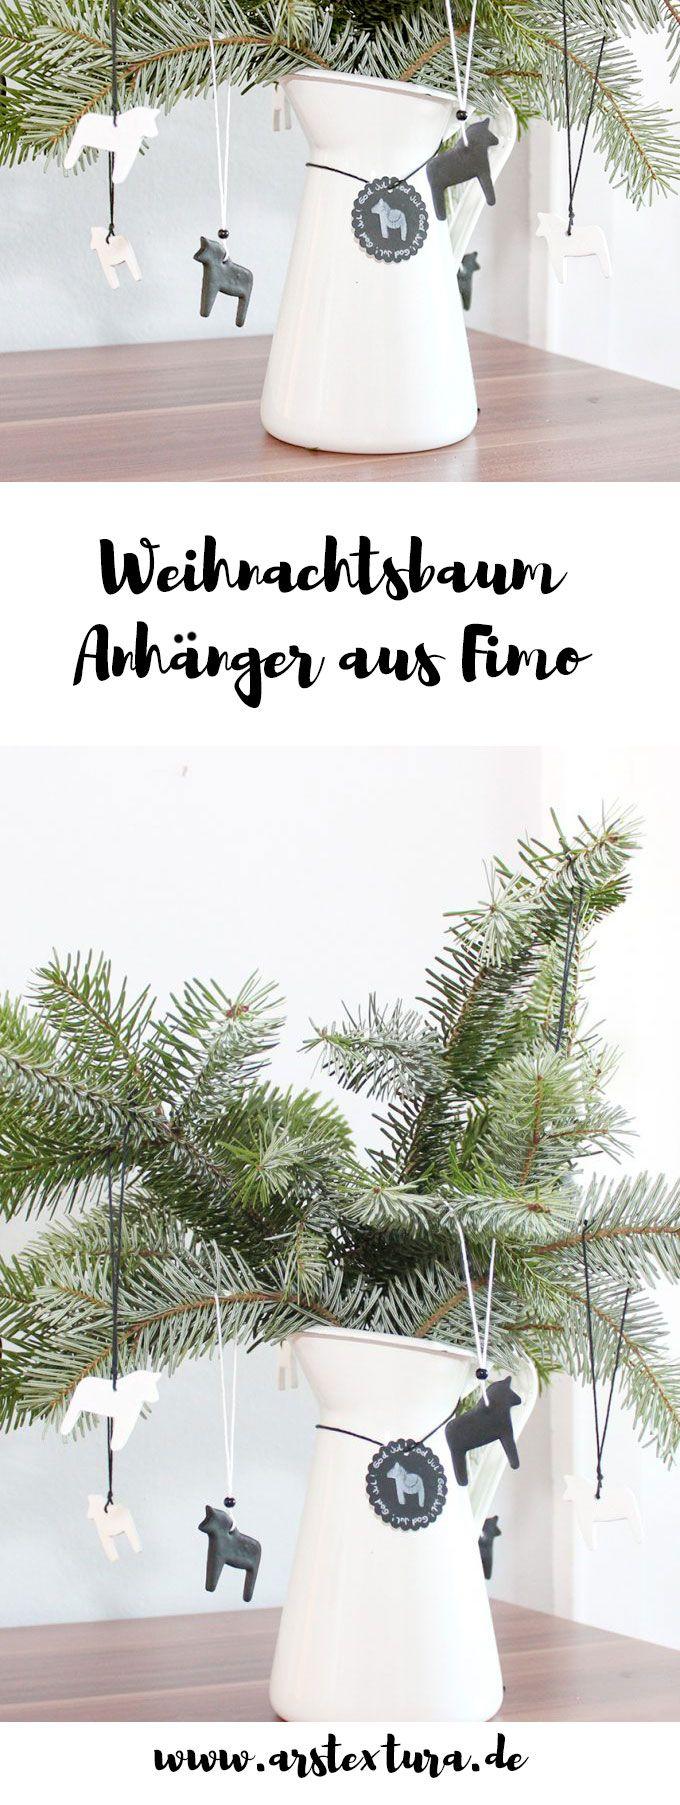 Weihnachtsdeko Verkaufen.Das Zweite Türchen Weihnachtsbaum Anhänger Und Magnete Aus Fimo